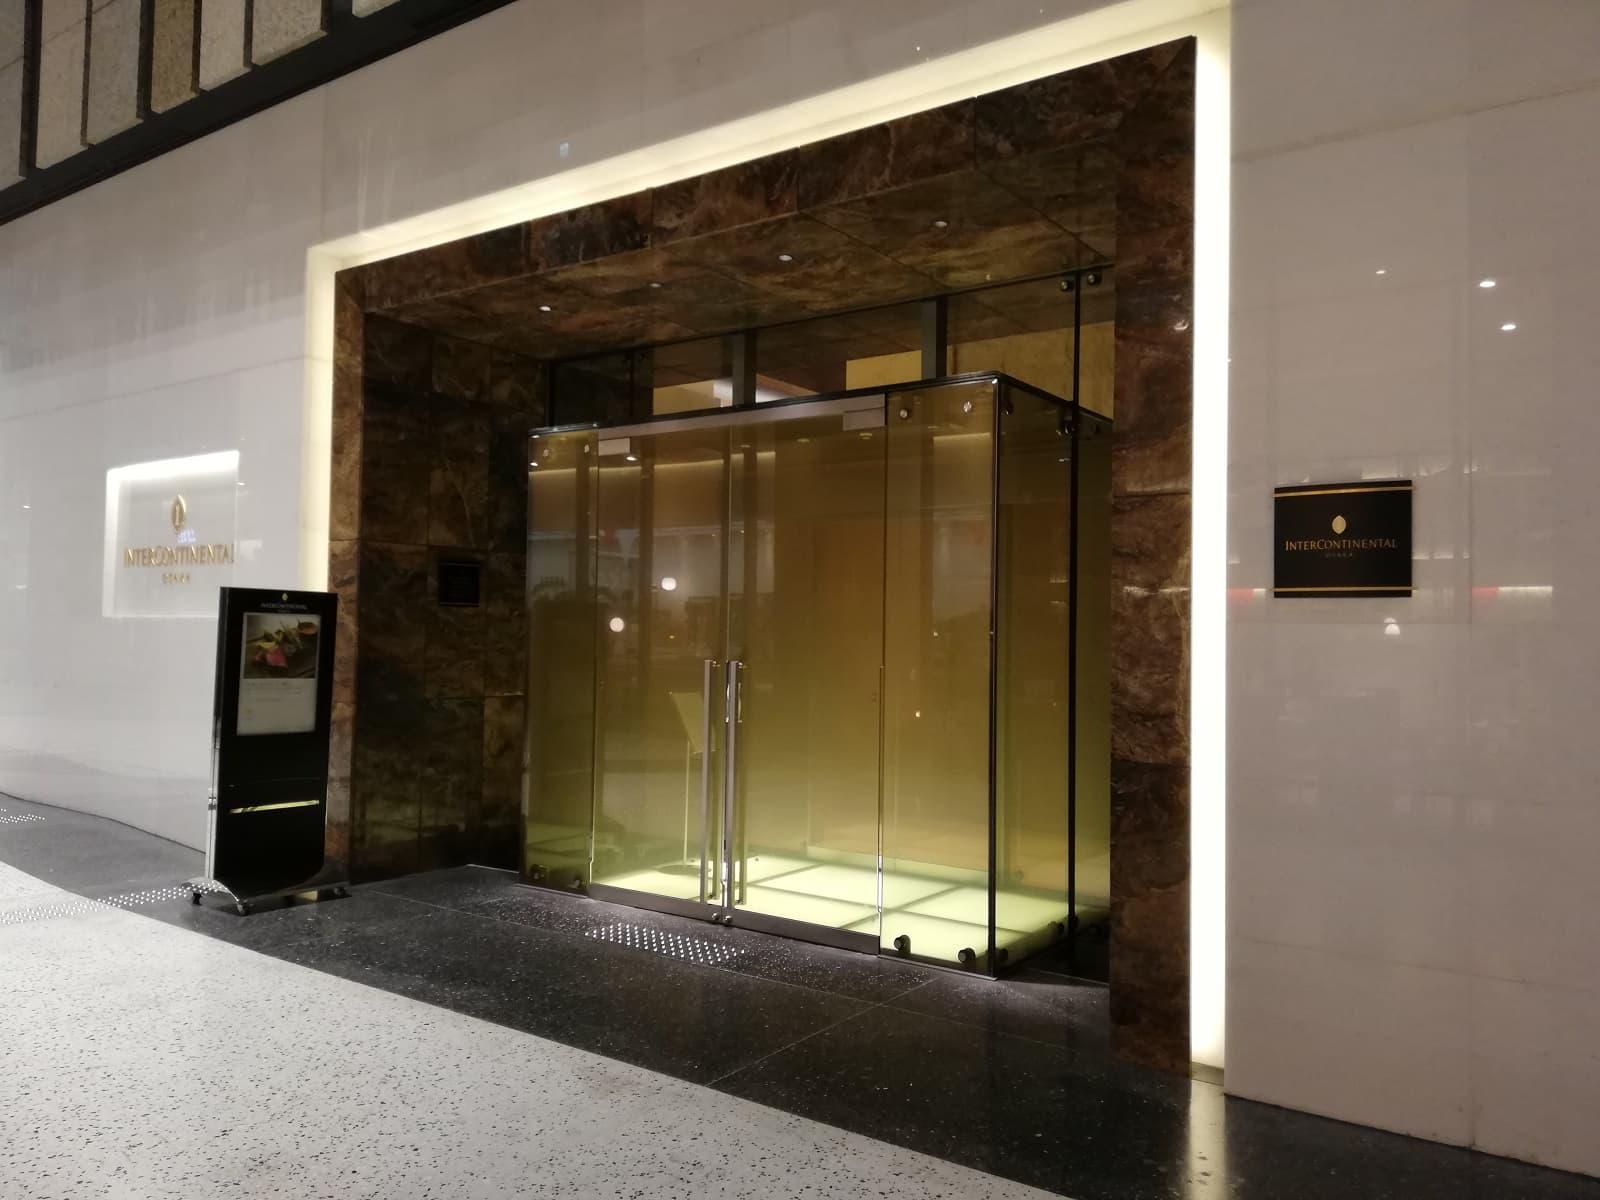 インターコンチネンタルホテル大阪の入口